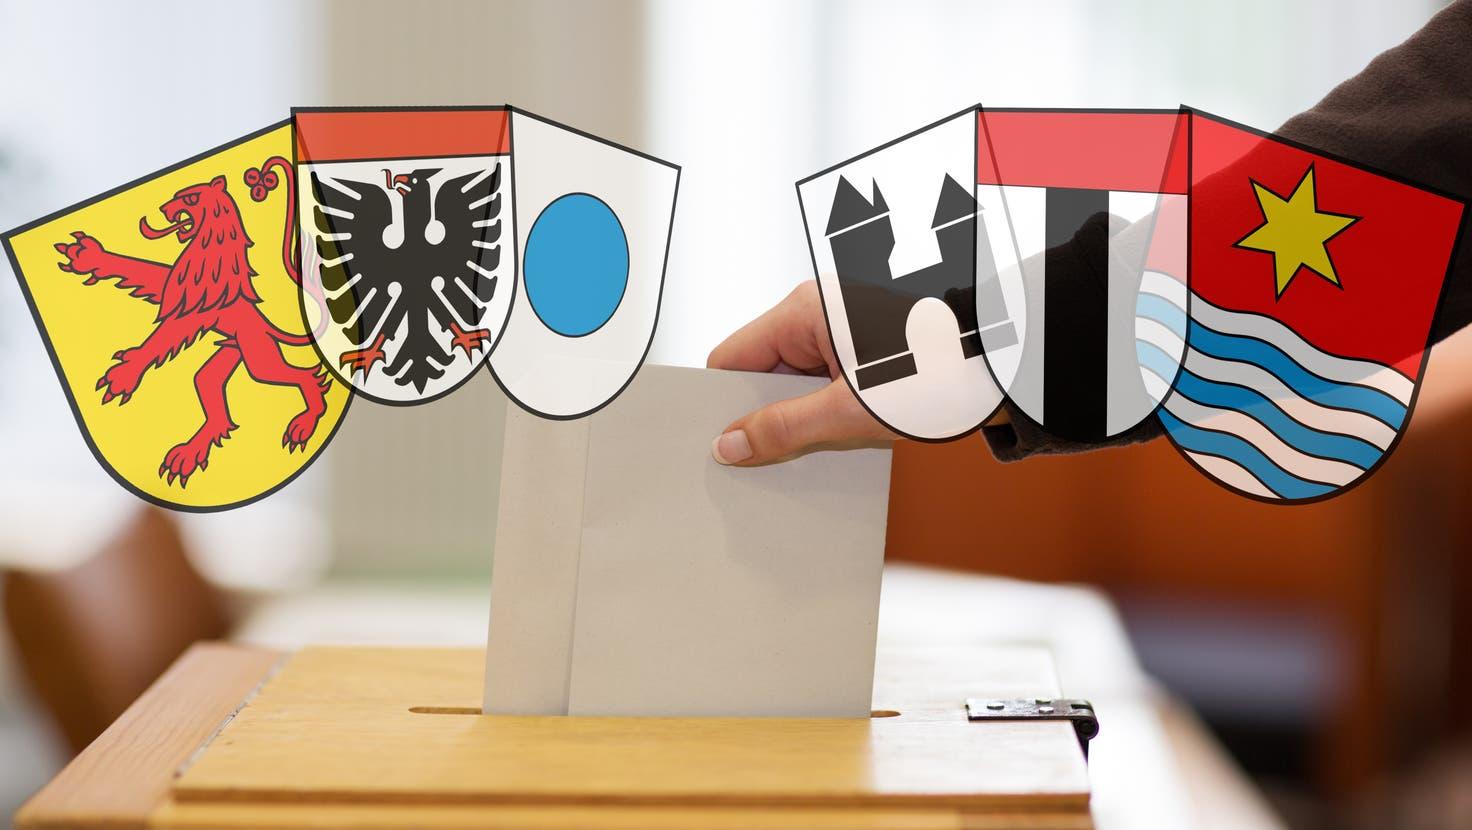 Die wichtigsten Wahl-Resultate: Angriff auf Stadtammann in Laufenburg gescheitert++ Vizeammann von Döttingen nicht wiedergewählt ++ Gemeinderats-Knatsch in Gebenstorf hat Folgen